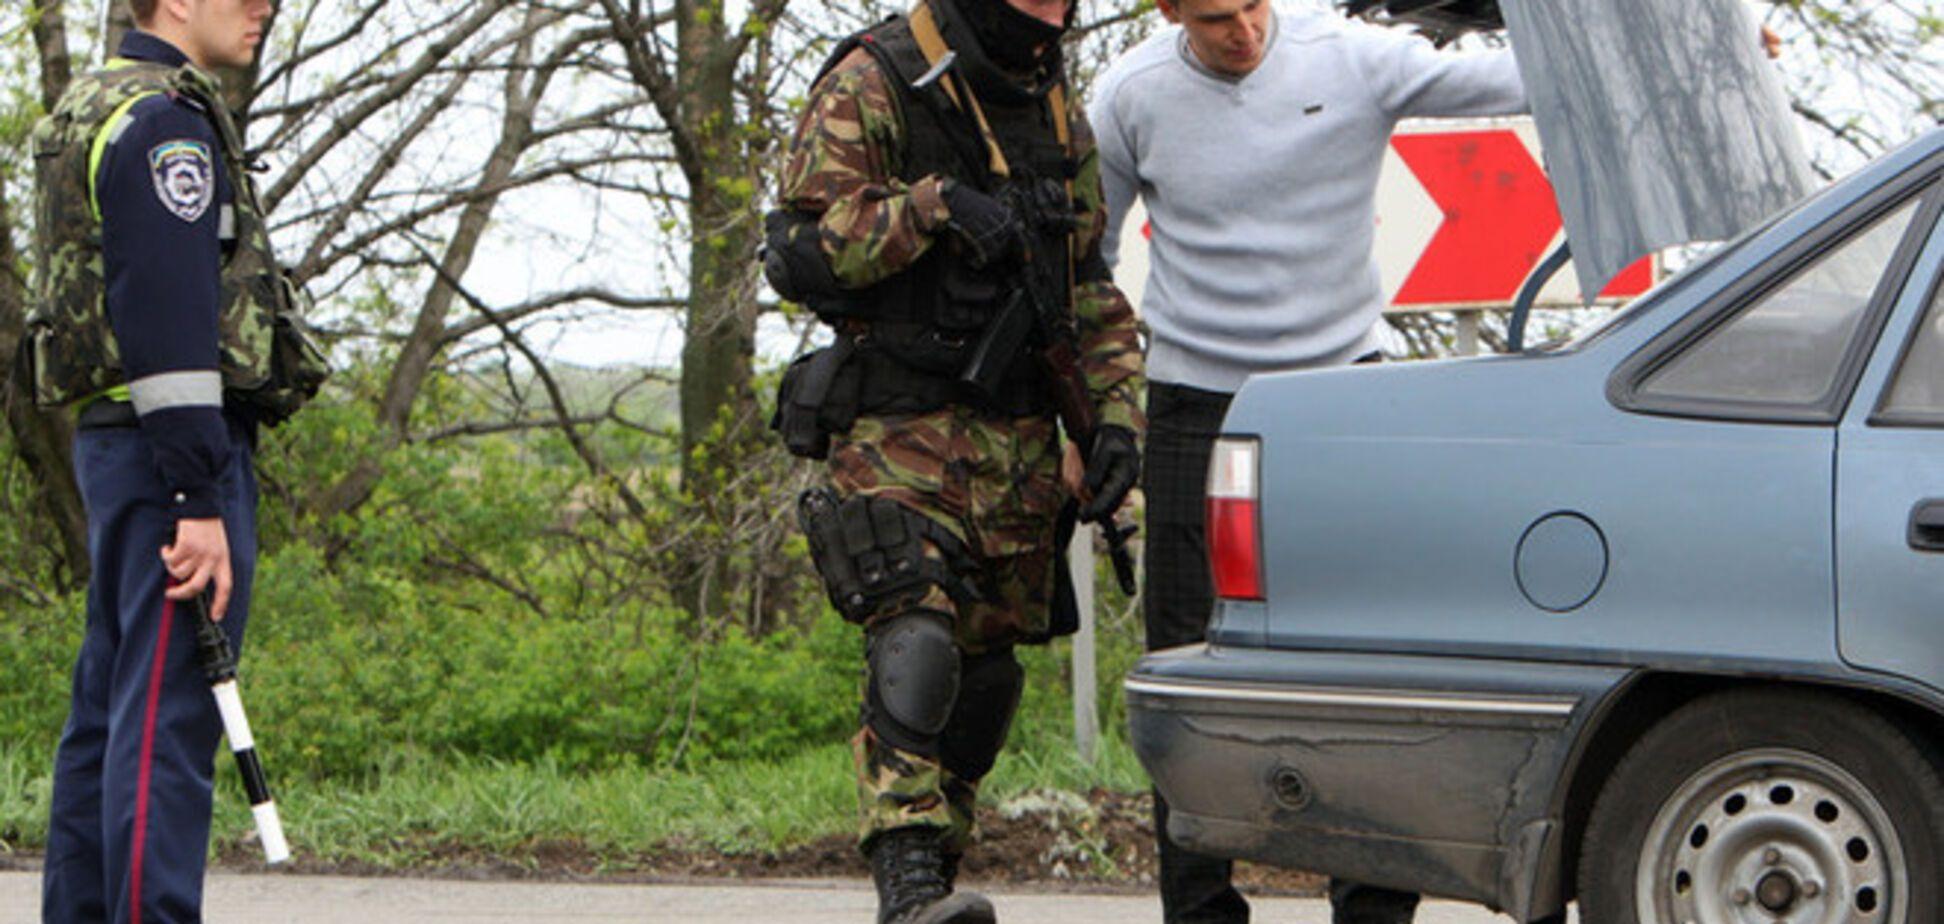 На блокпосту вблизи Изюма задержали россиян с битами и 200 тыс грн